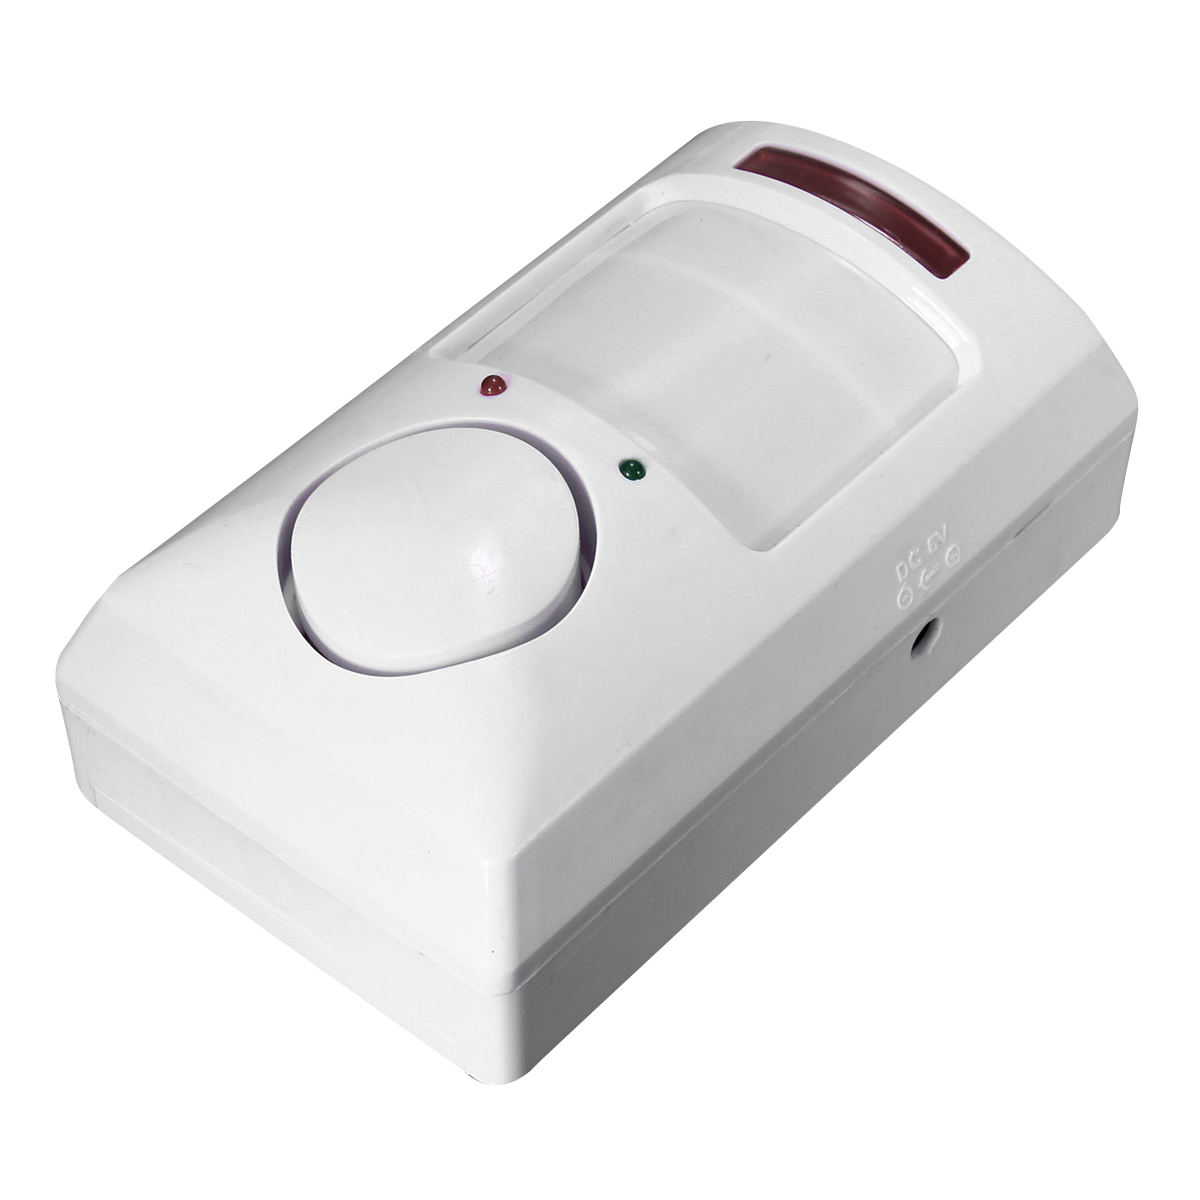 Infrared Remote Sensor : Wireless ir motion sensor detector remote home